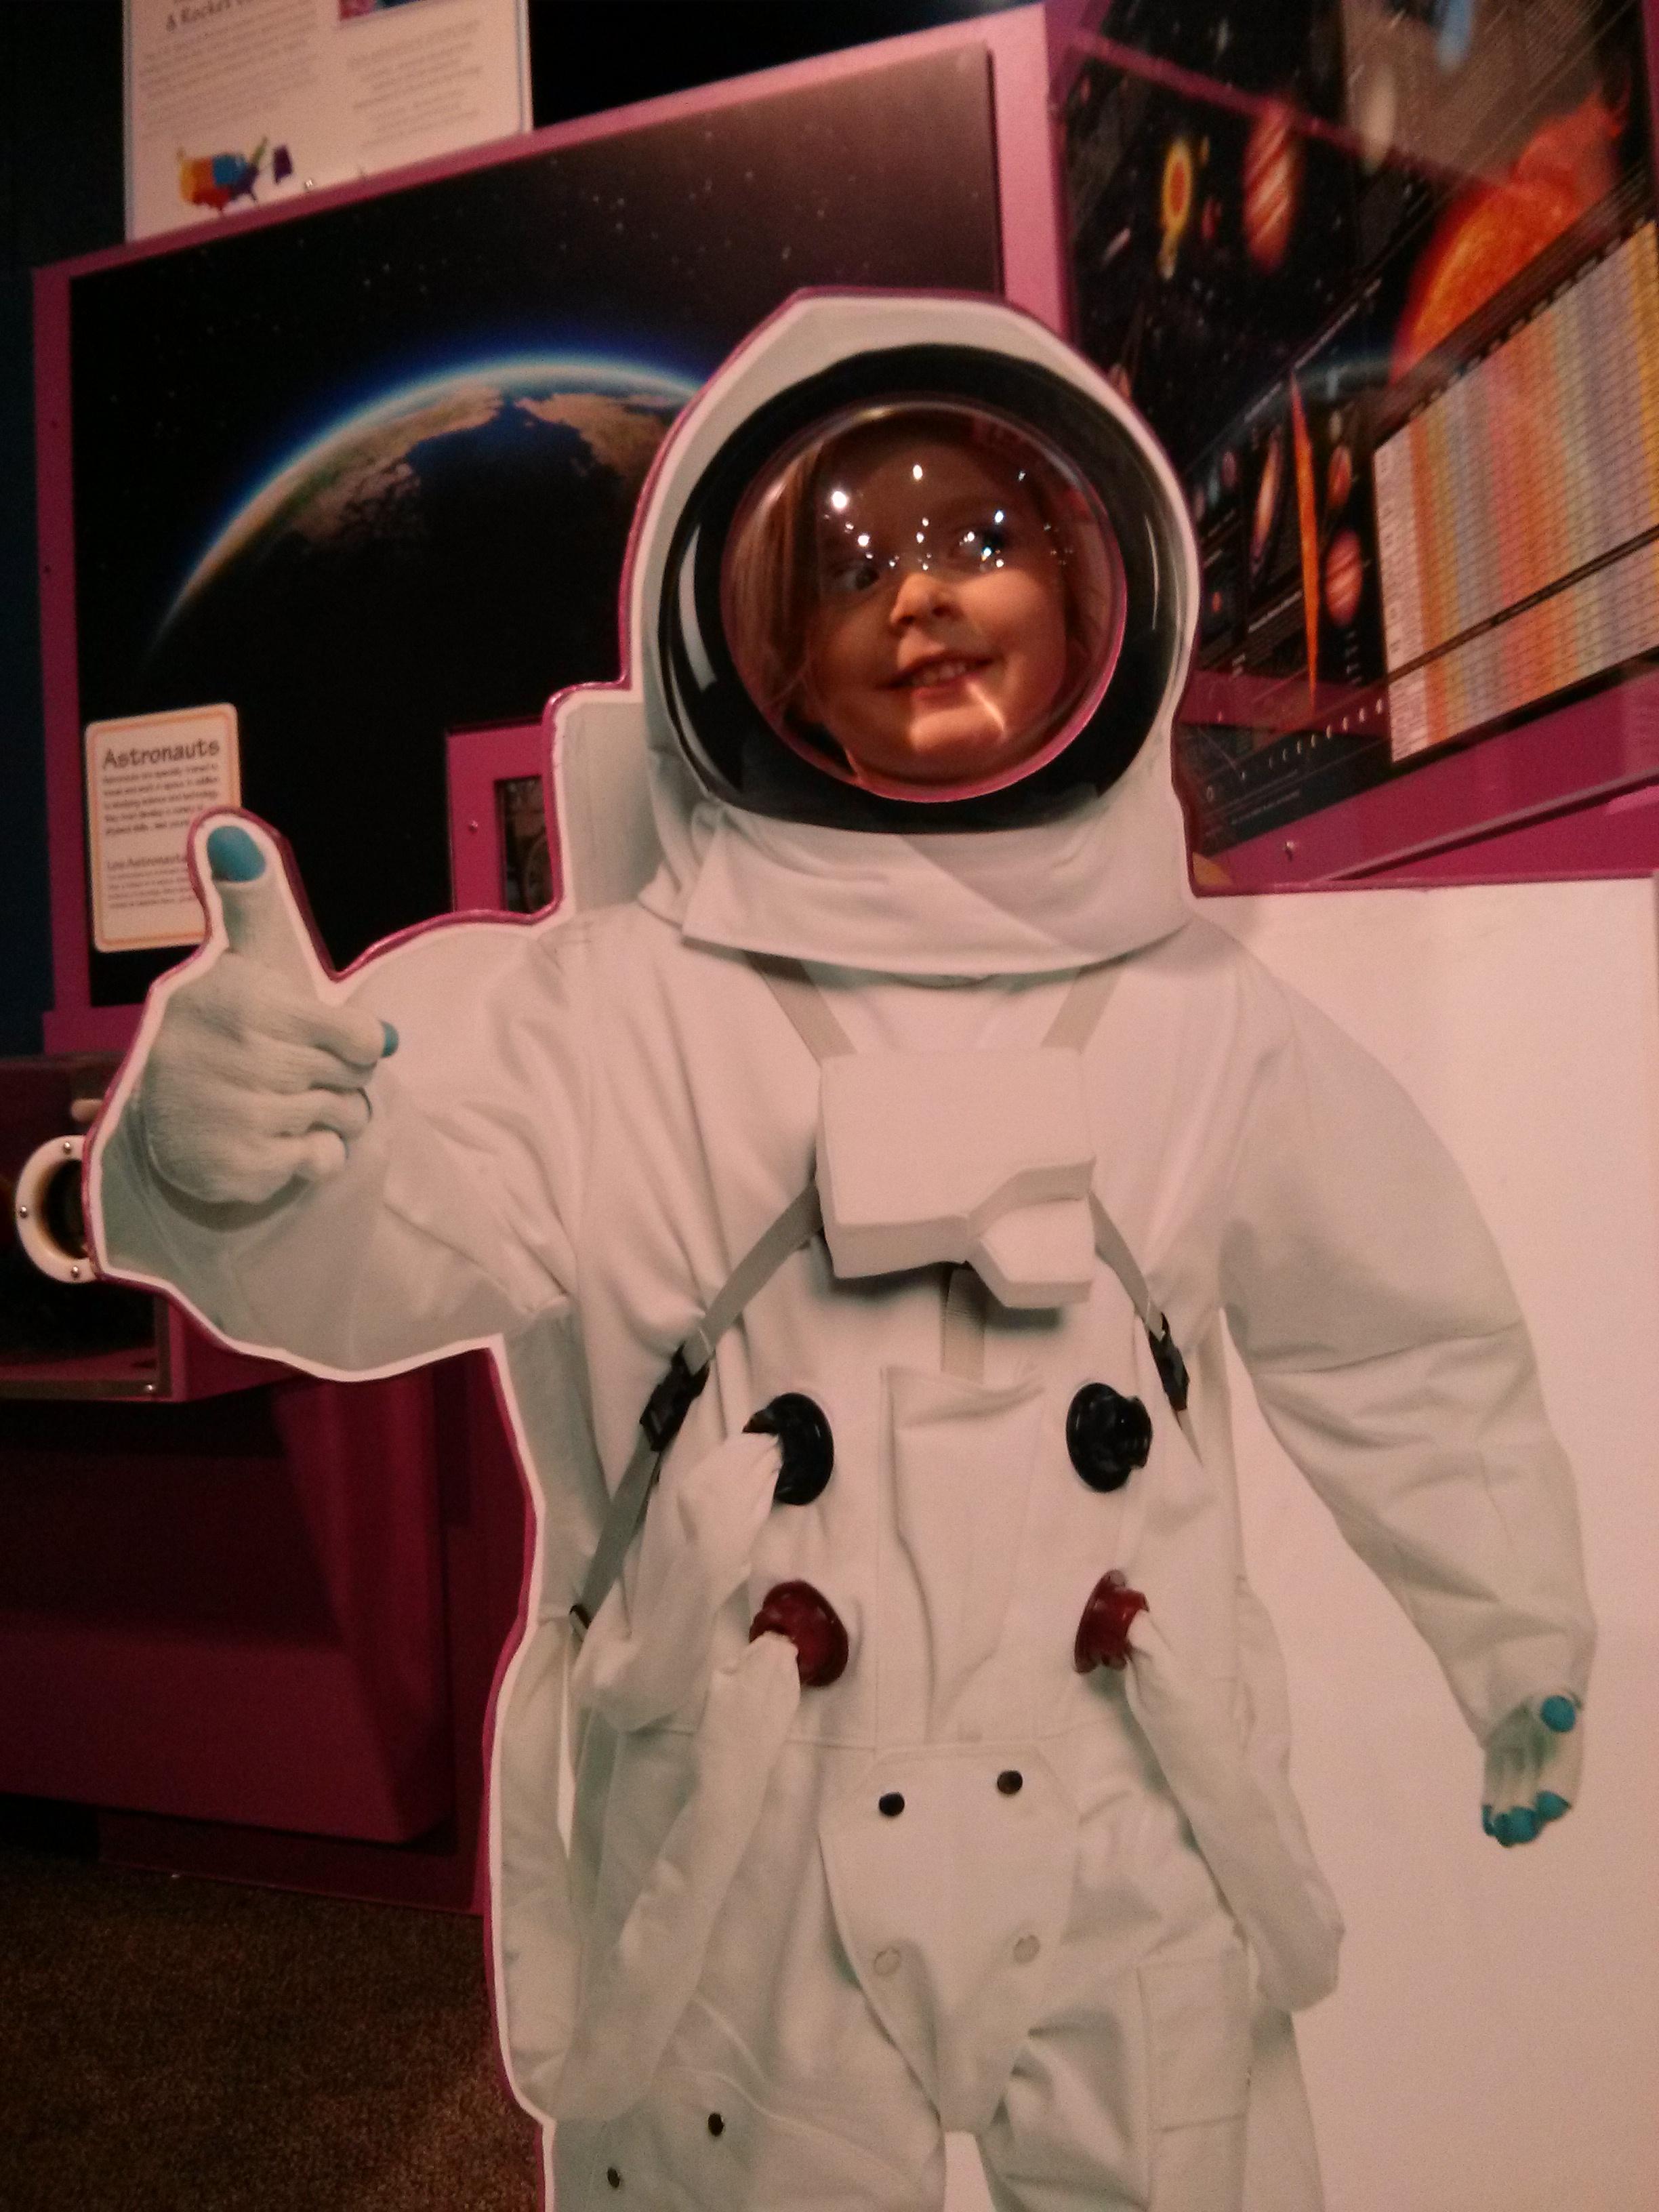 Astronaut Danger WEEBLES Coast Children's Museum of Atlanta